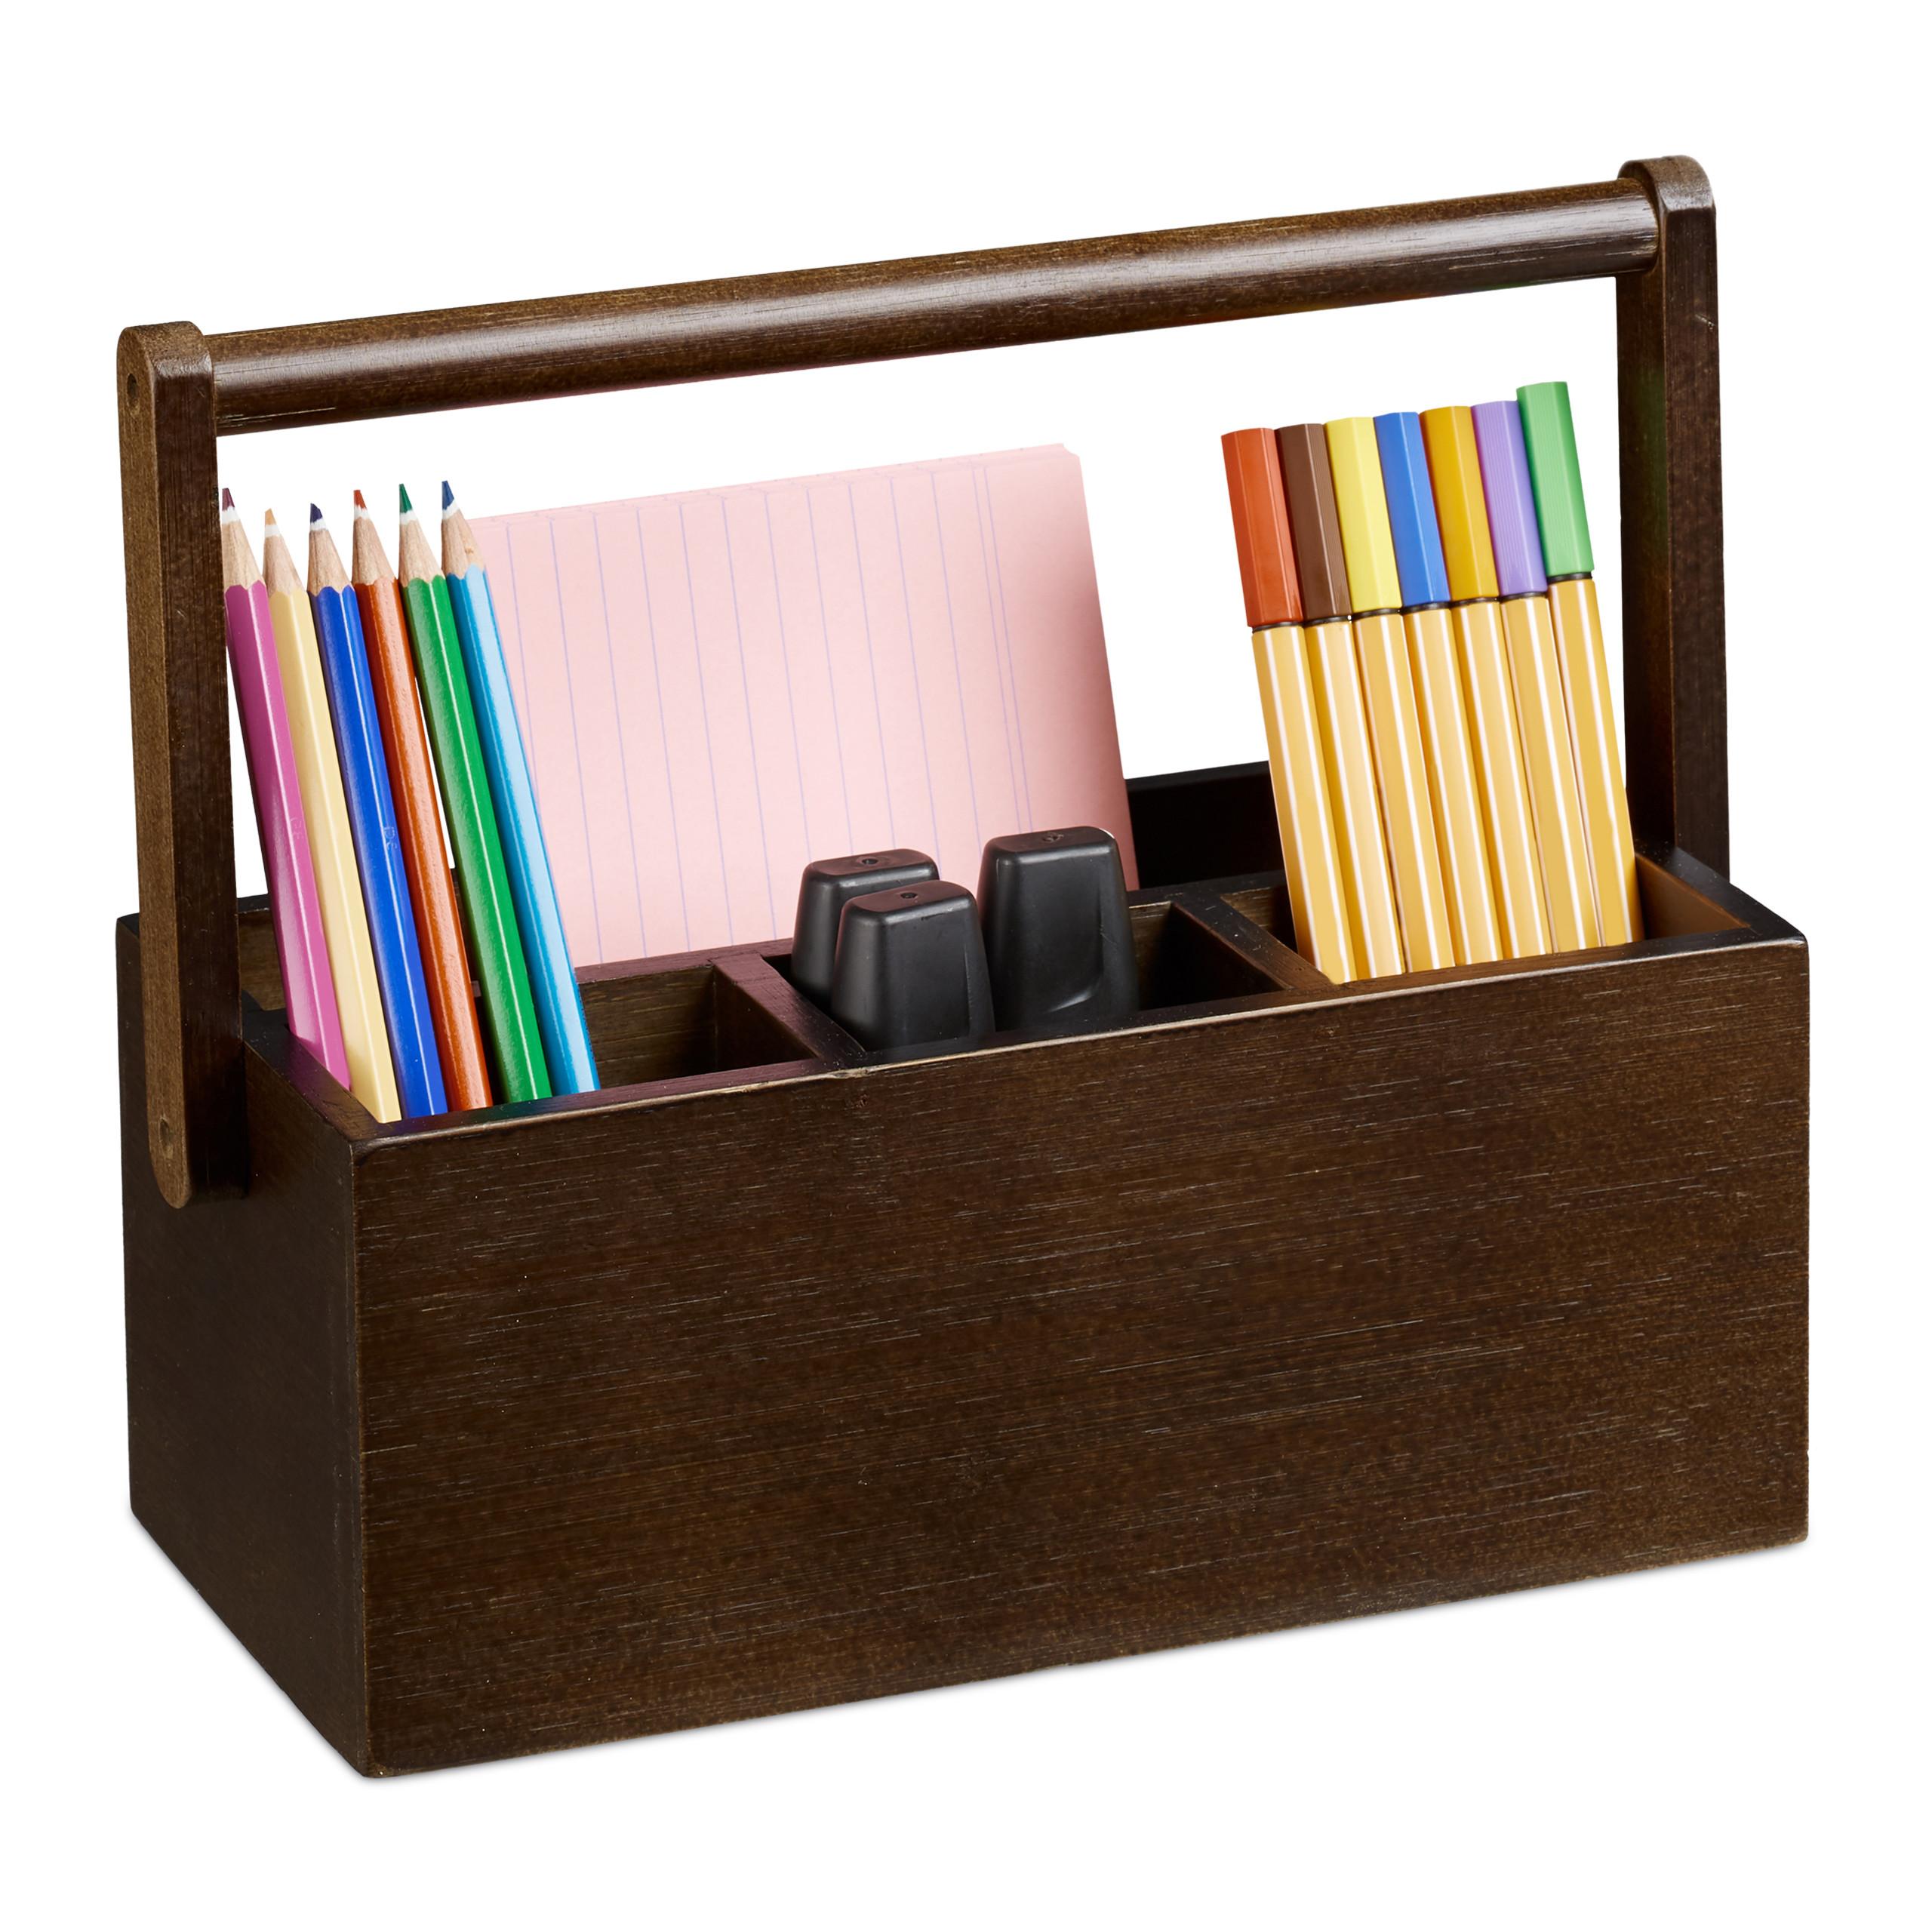 Stiftehalter Tischorganizer Bambus Stifthalter Henkel Organizer Stifteköcher